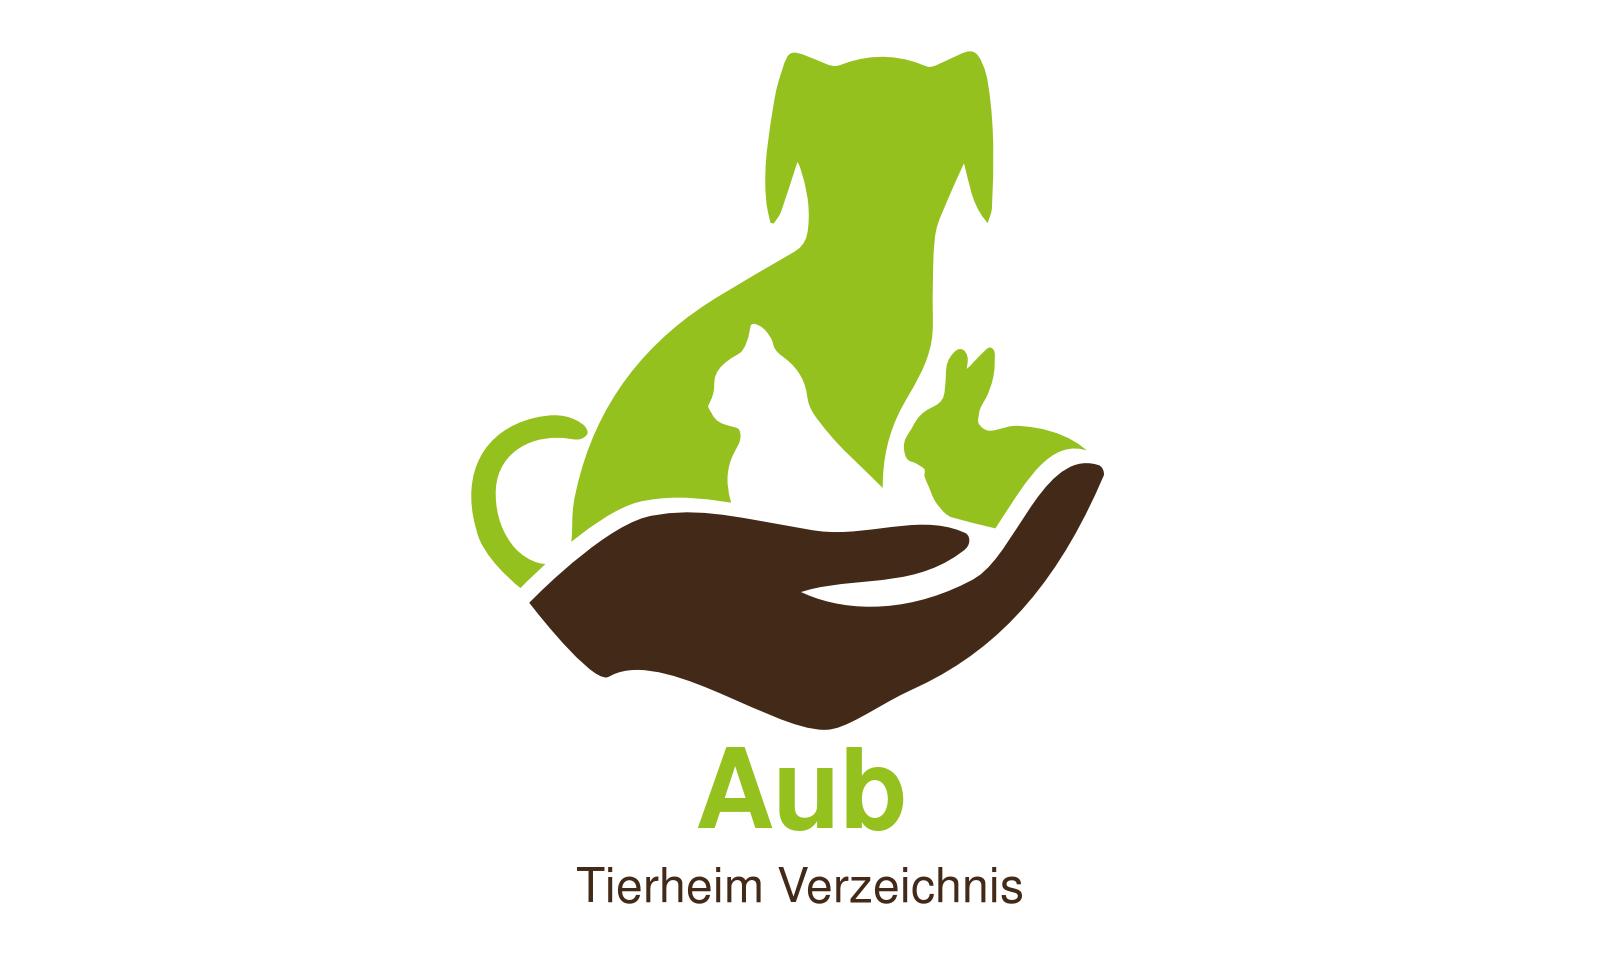 Tierheim Aub